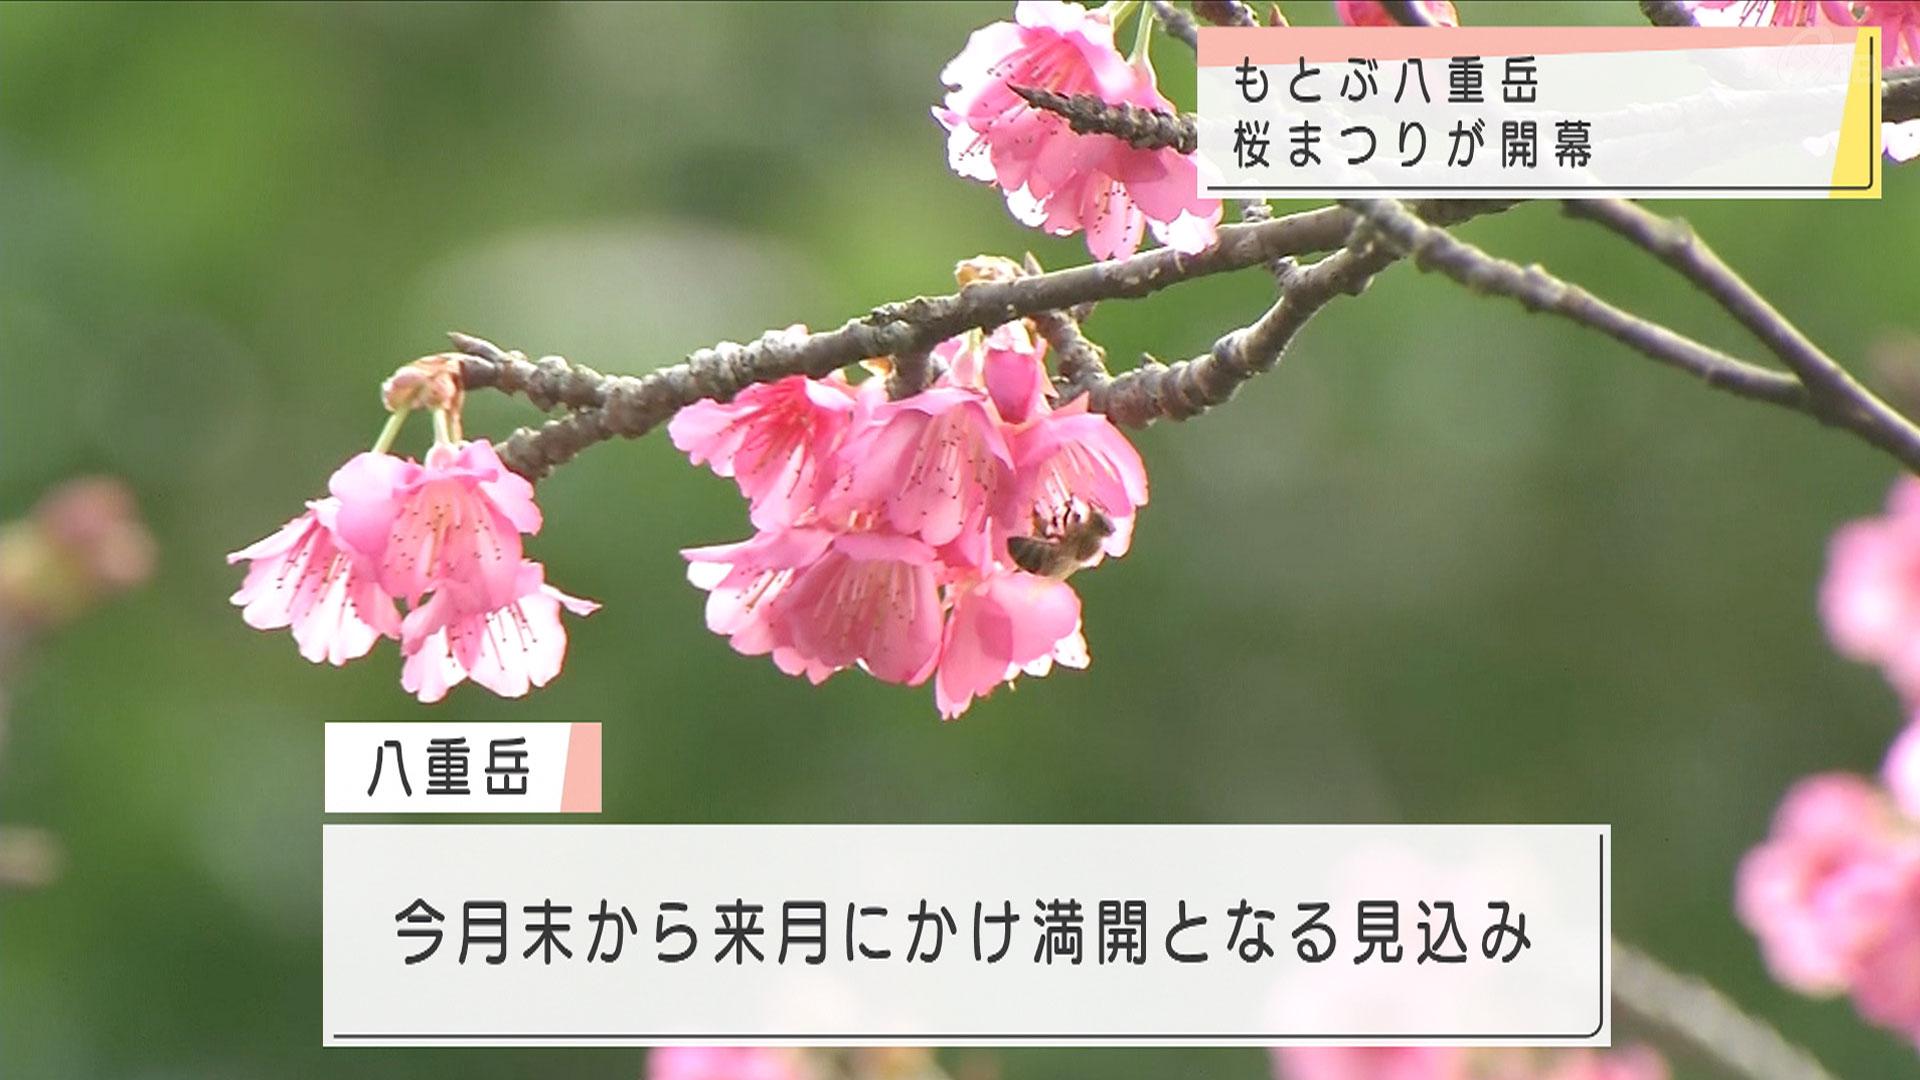 「車窓から心を癒す」 もとぶ八重岳桜まつり